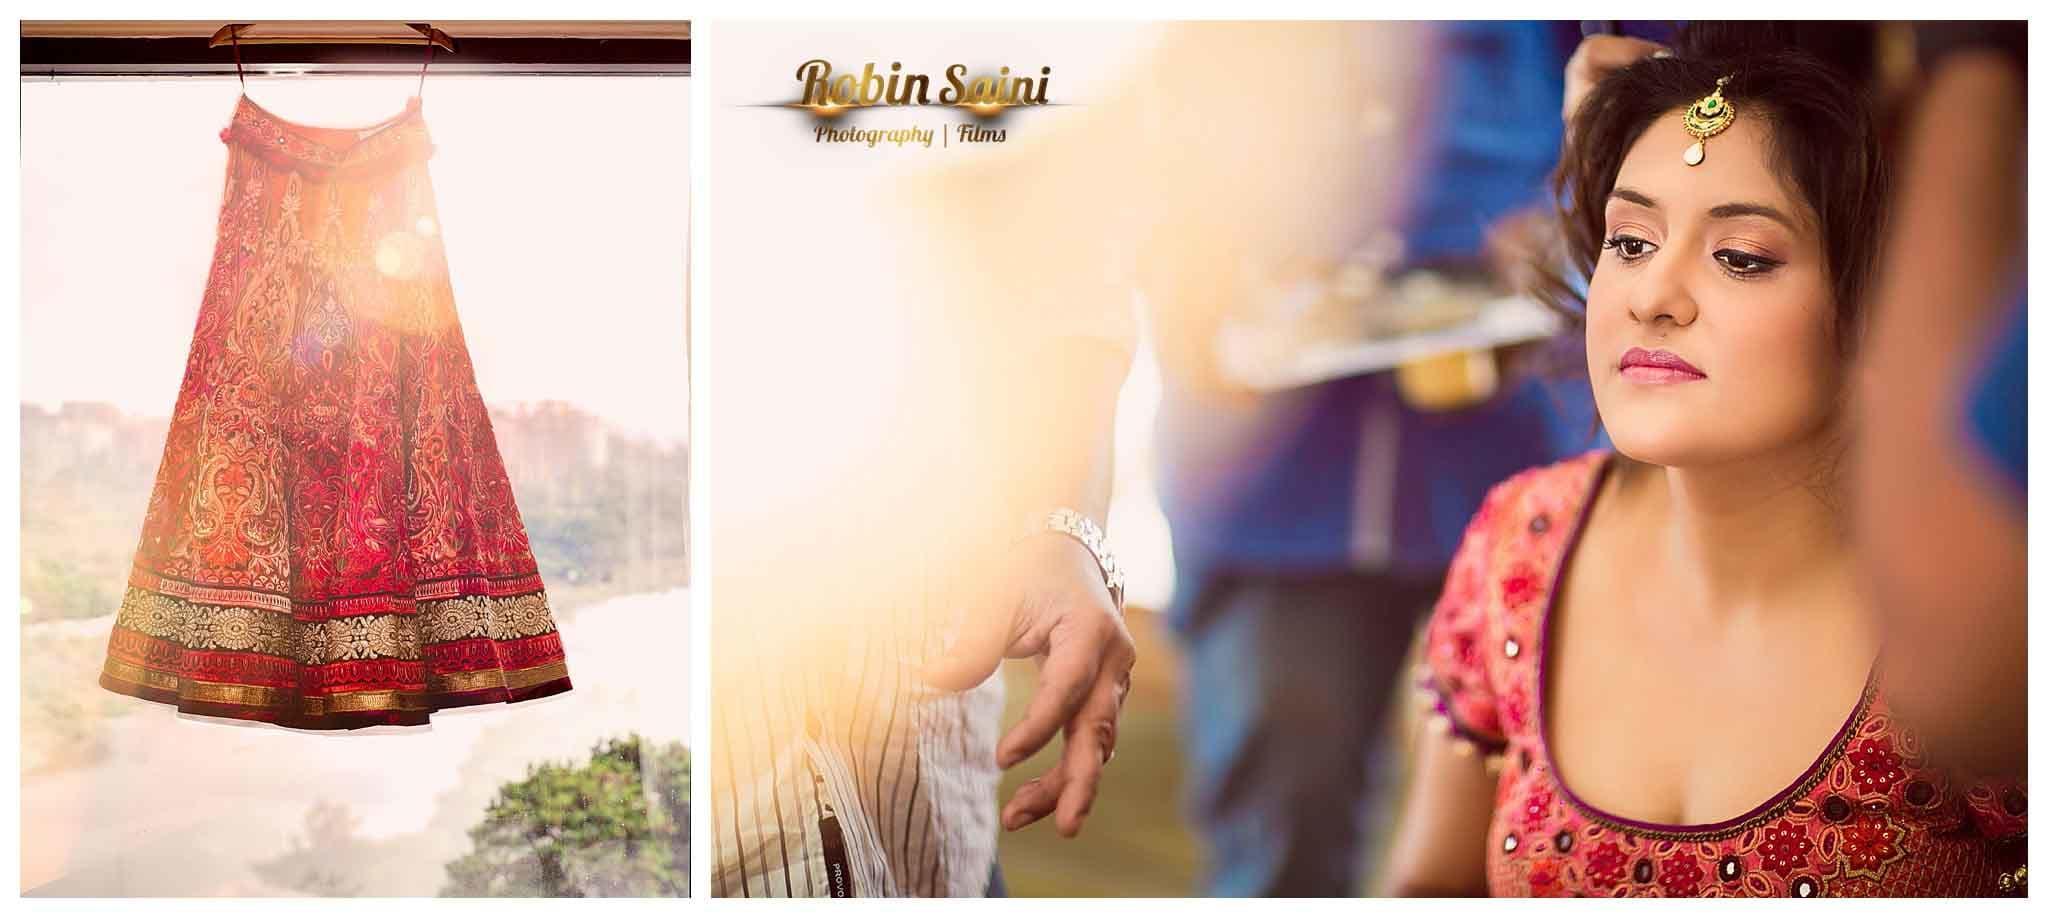 beautiful bridal wear:robin saini photography